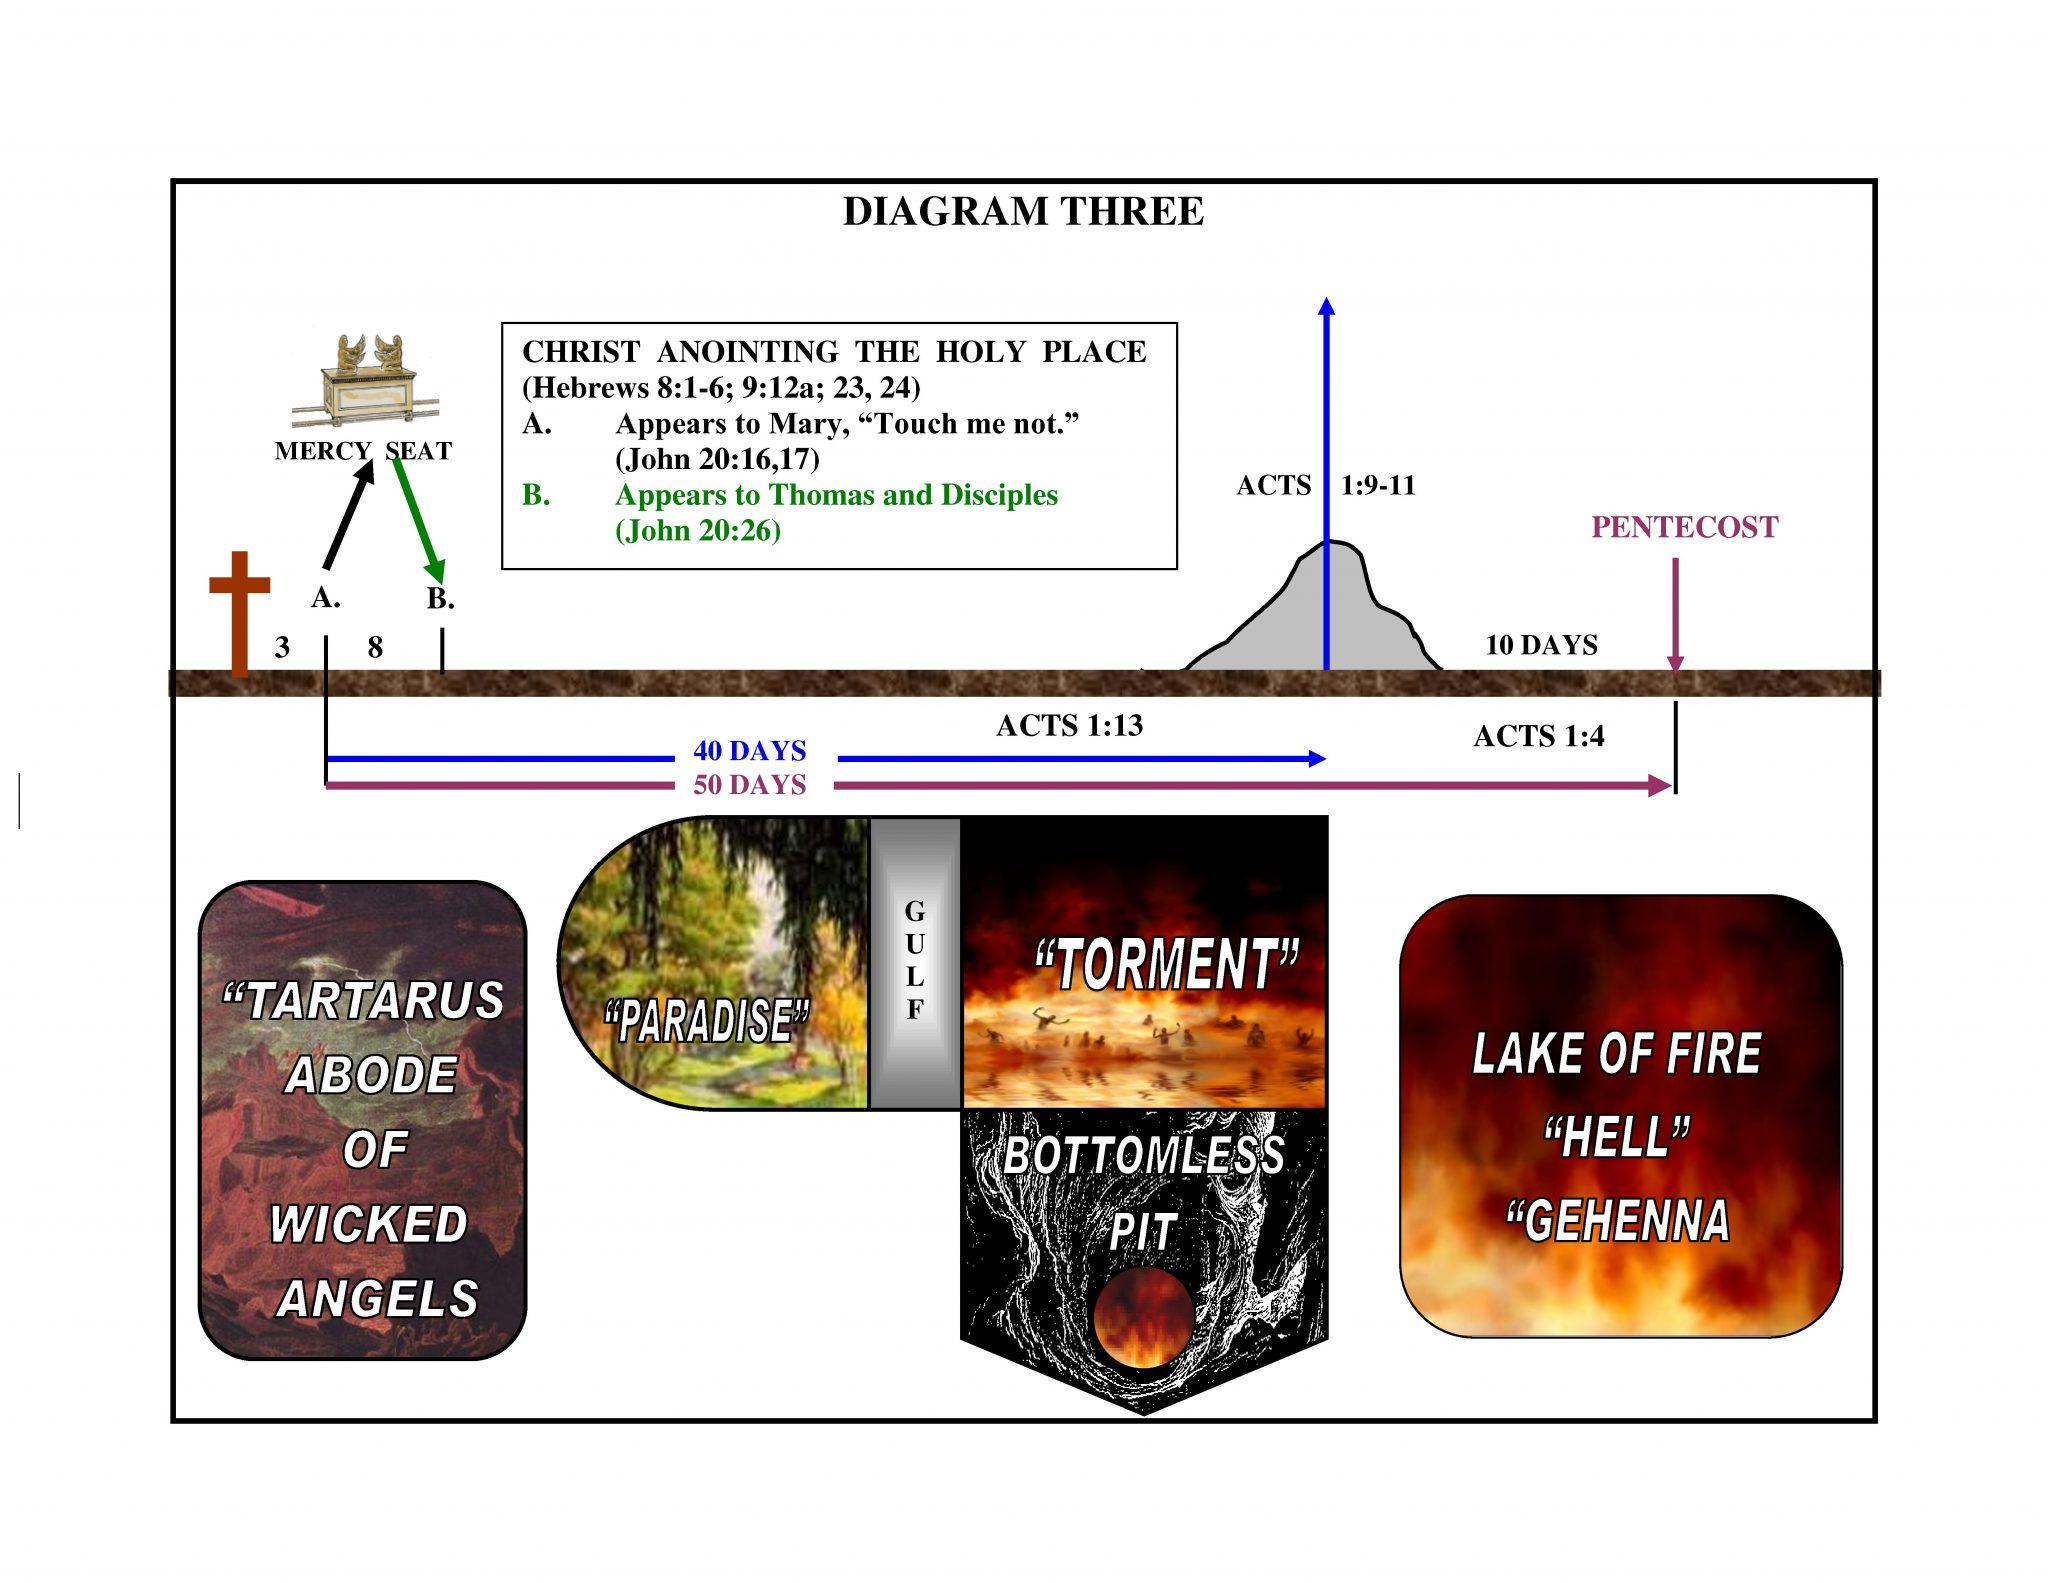 Diagram Three